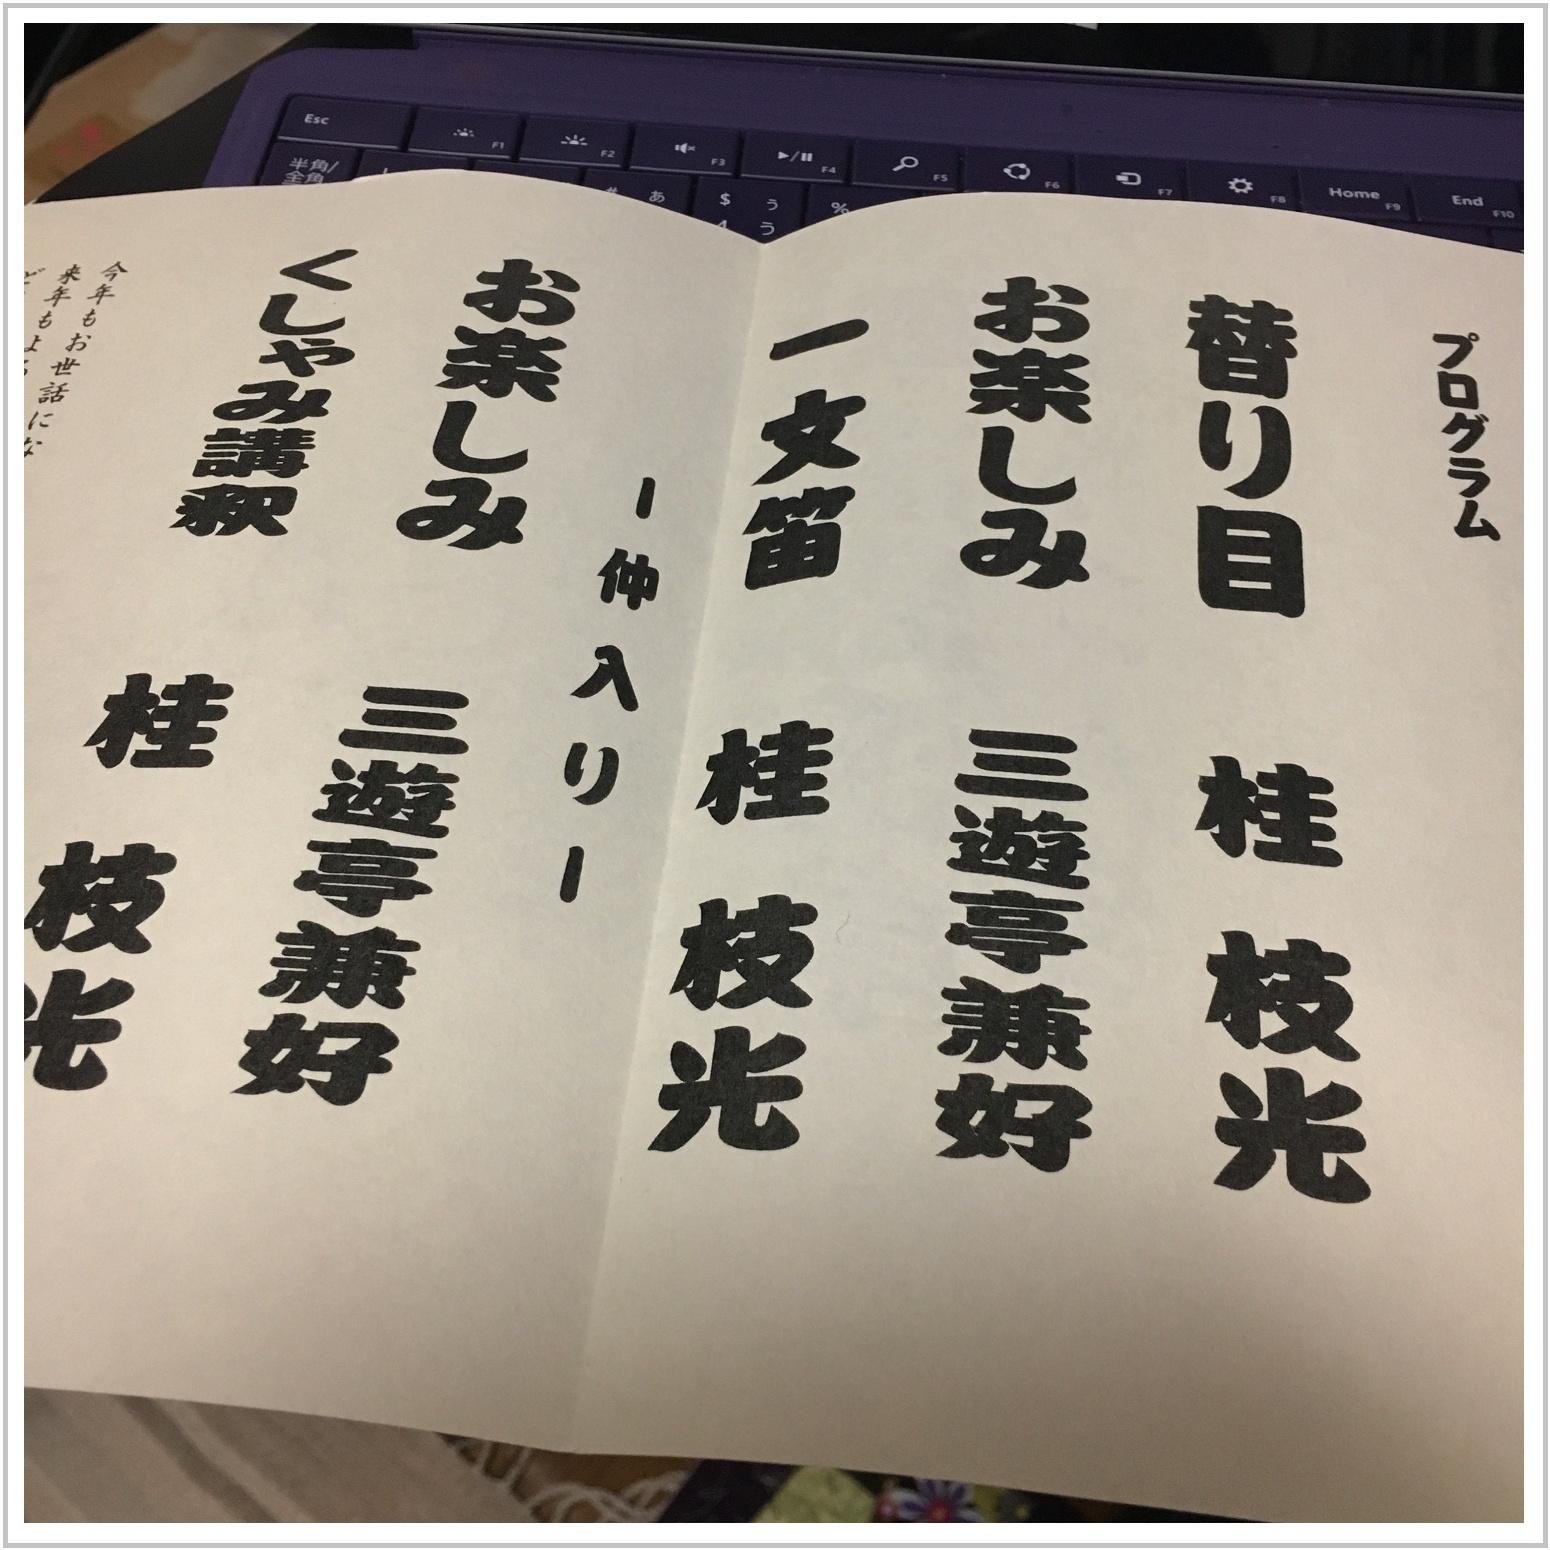 kenko_1_1213.jpg